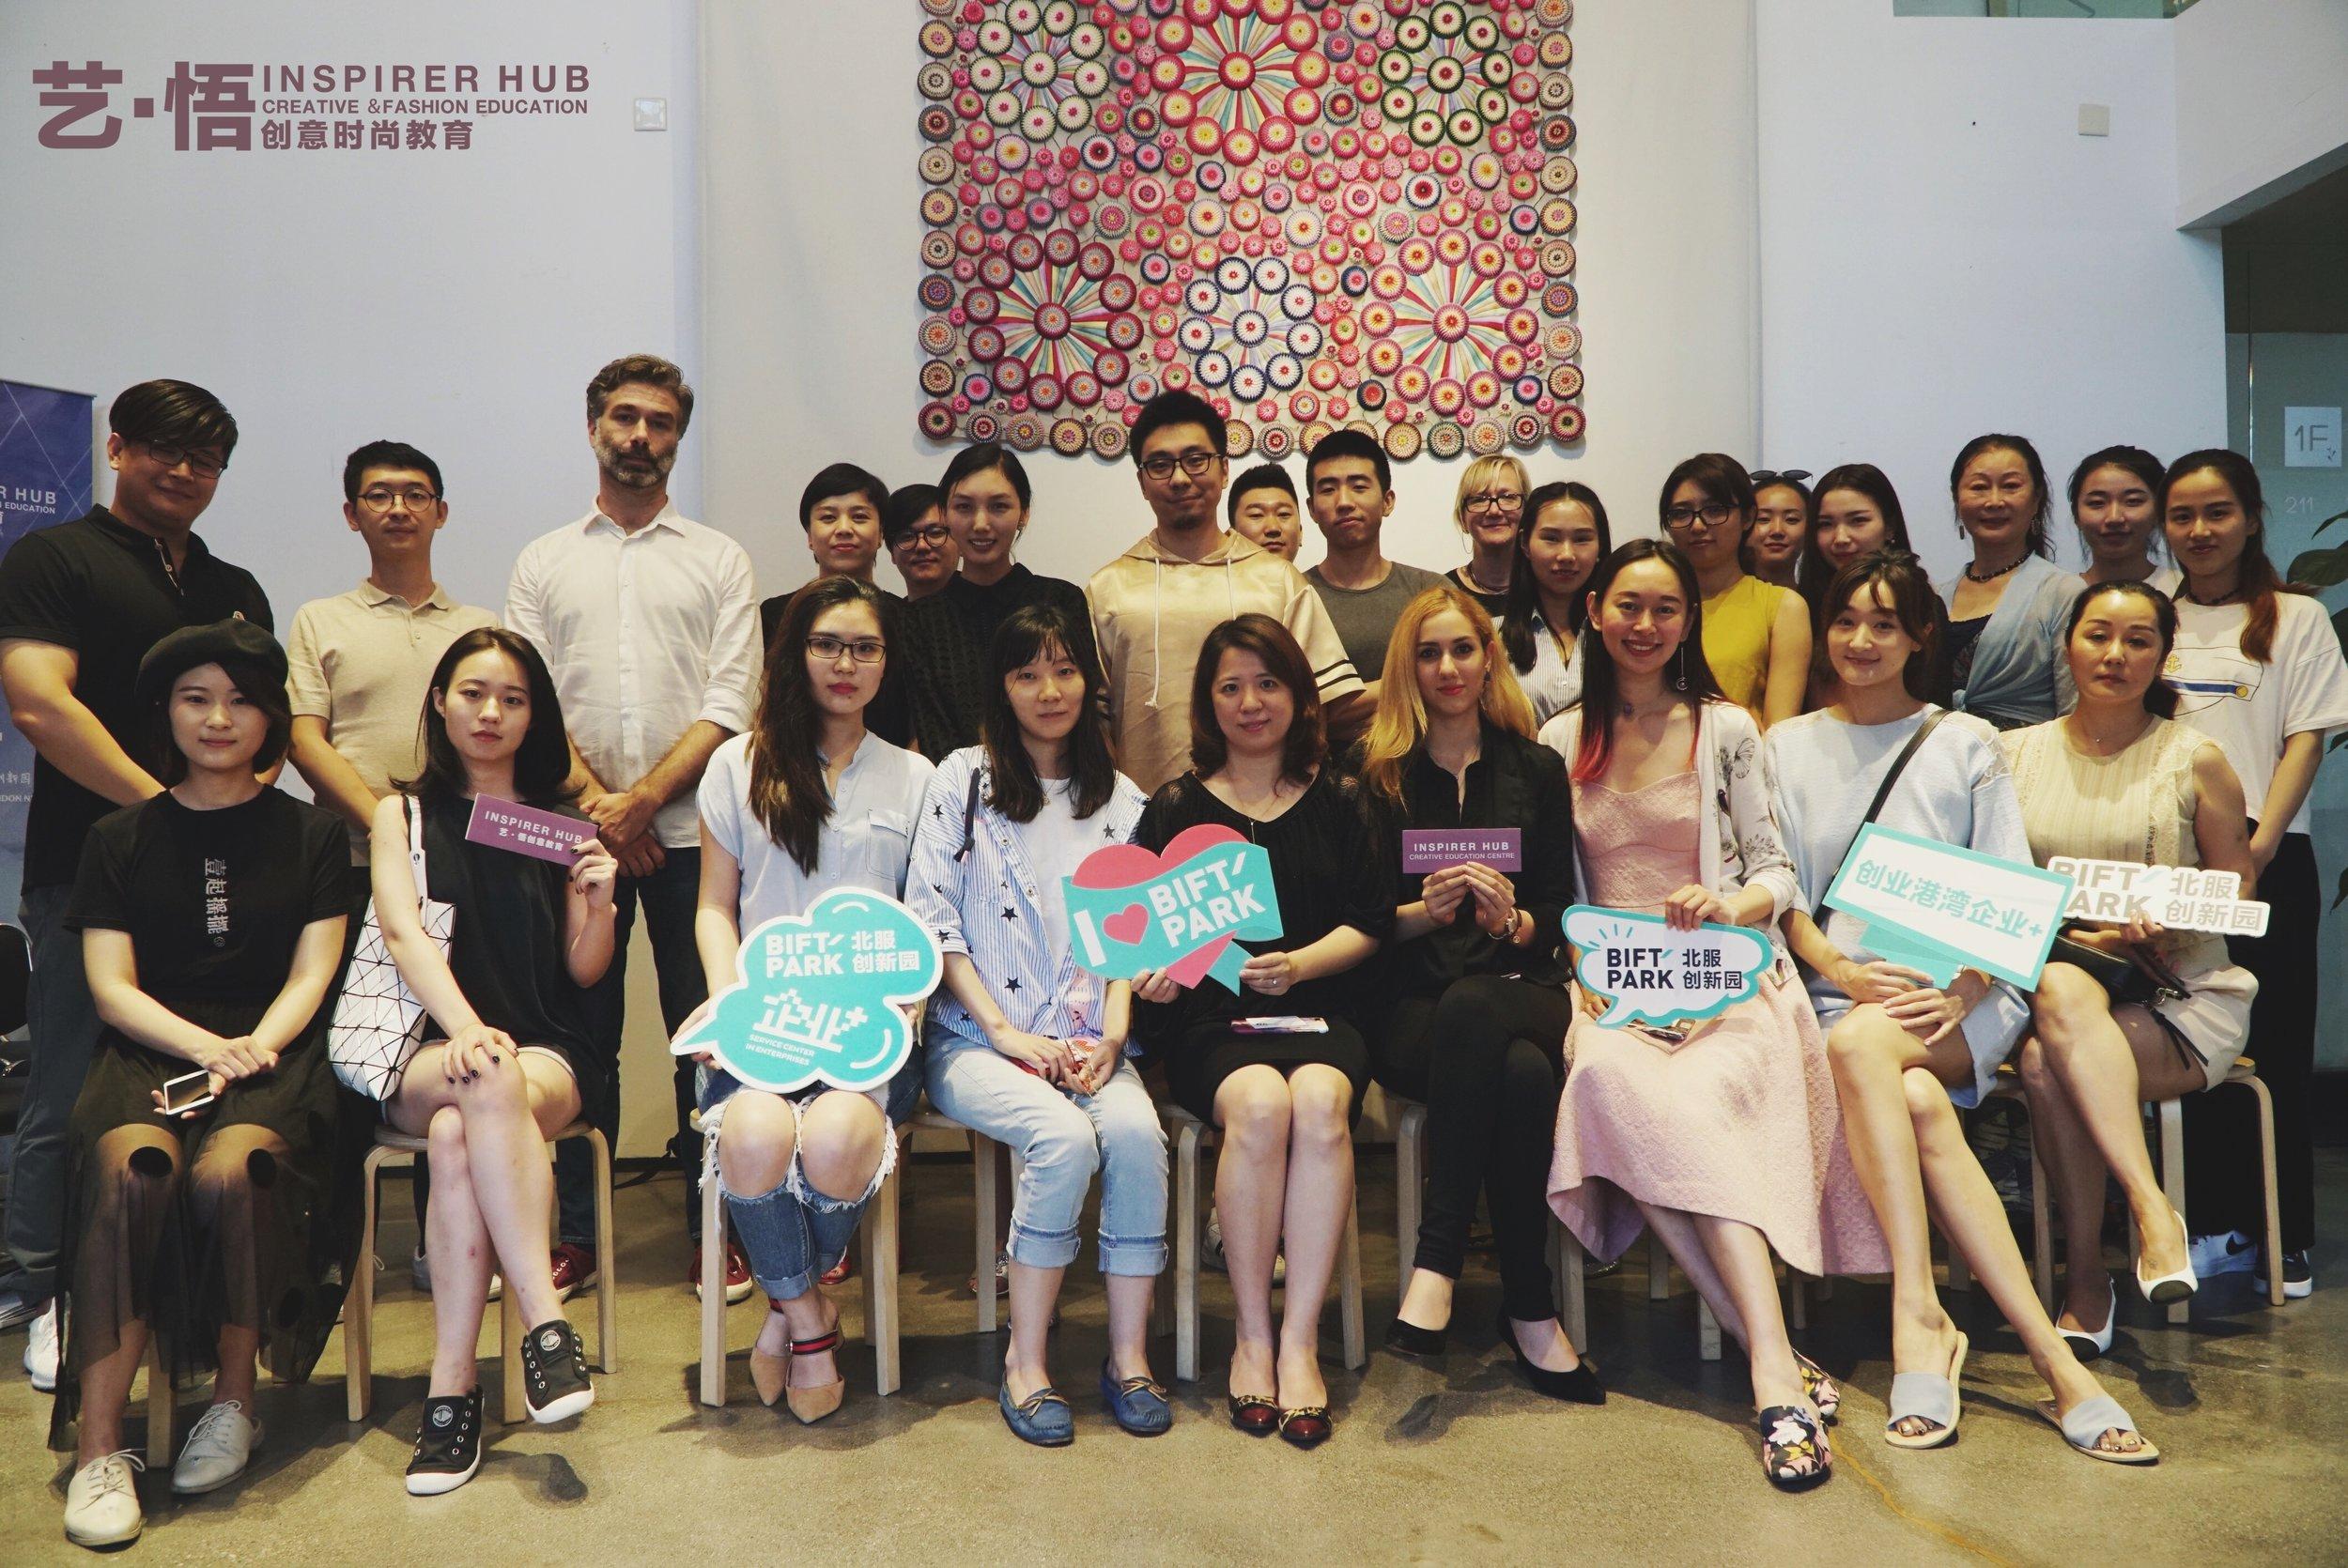 跨文化学习国际论坛 - 2018 INSPIRER HUB创意产业论坛活动